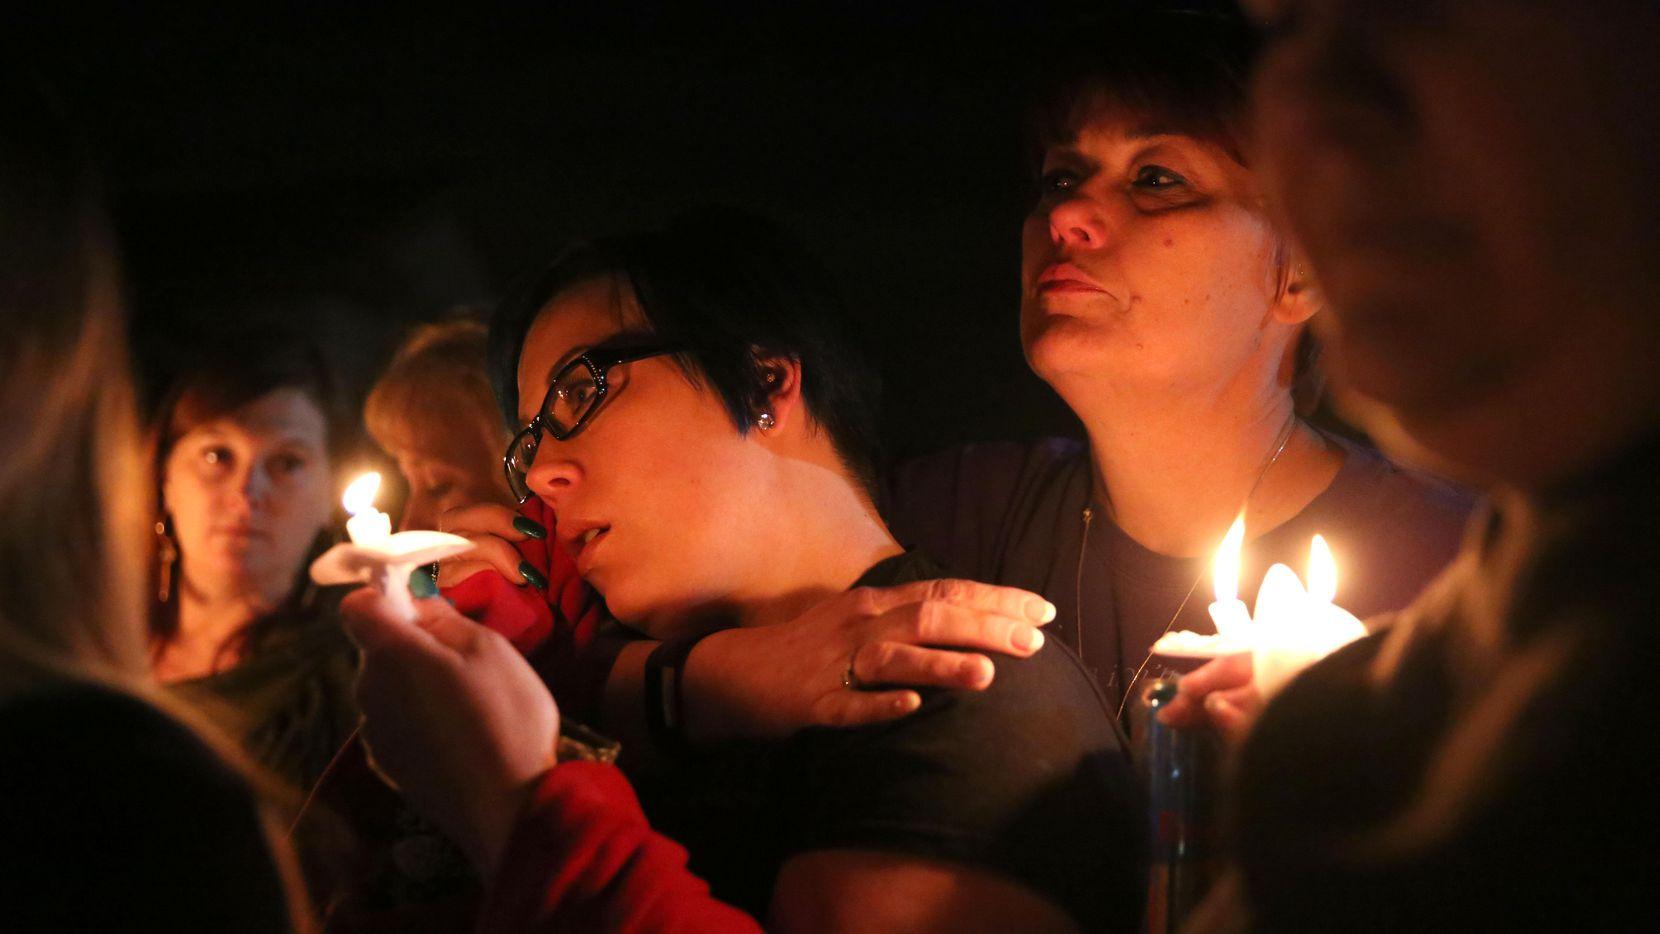 Meagan Lillie (izq.), una amiga de Christina Morris, durnate una vigilia realizada la noche del jueves en el sitio donde se encontraron sus restos. (DMN/ROSE BACA)